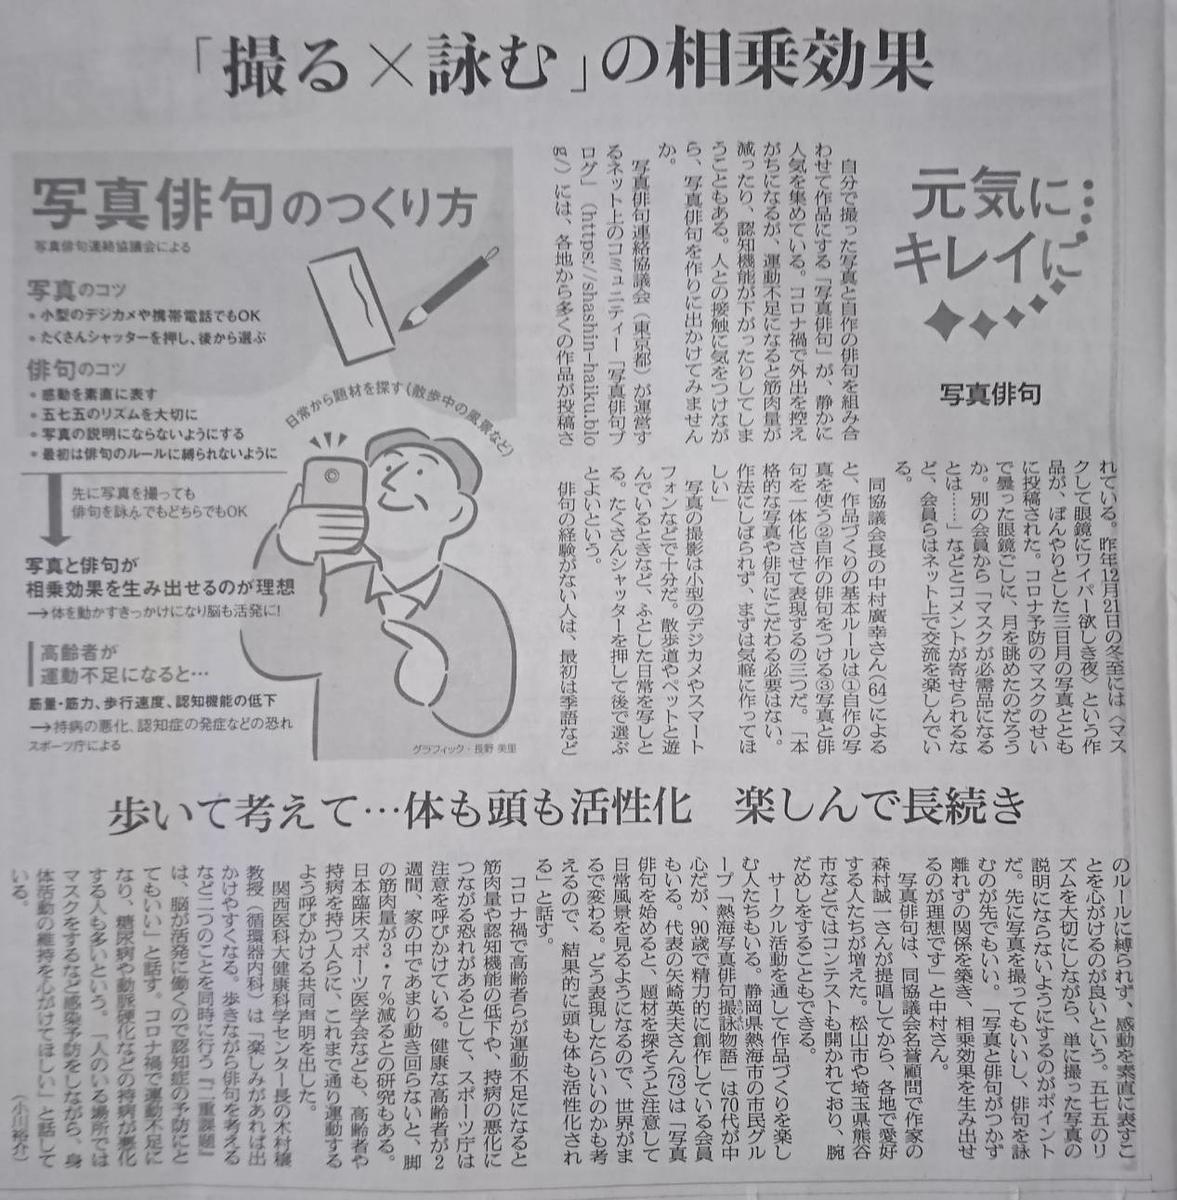 f:id:kazura-kobayashi:20210119221335j:plain